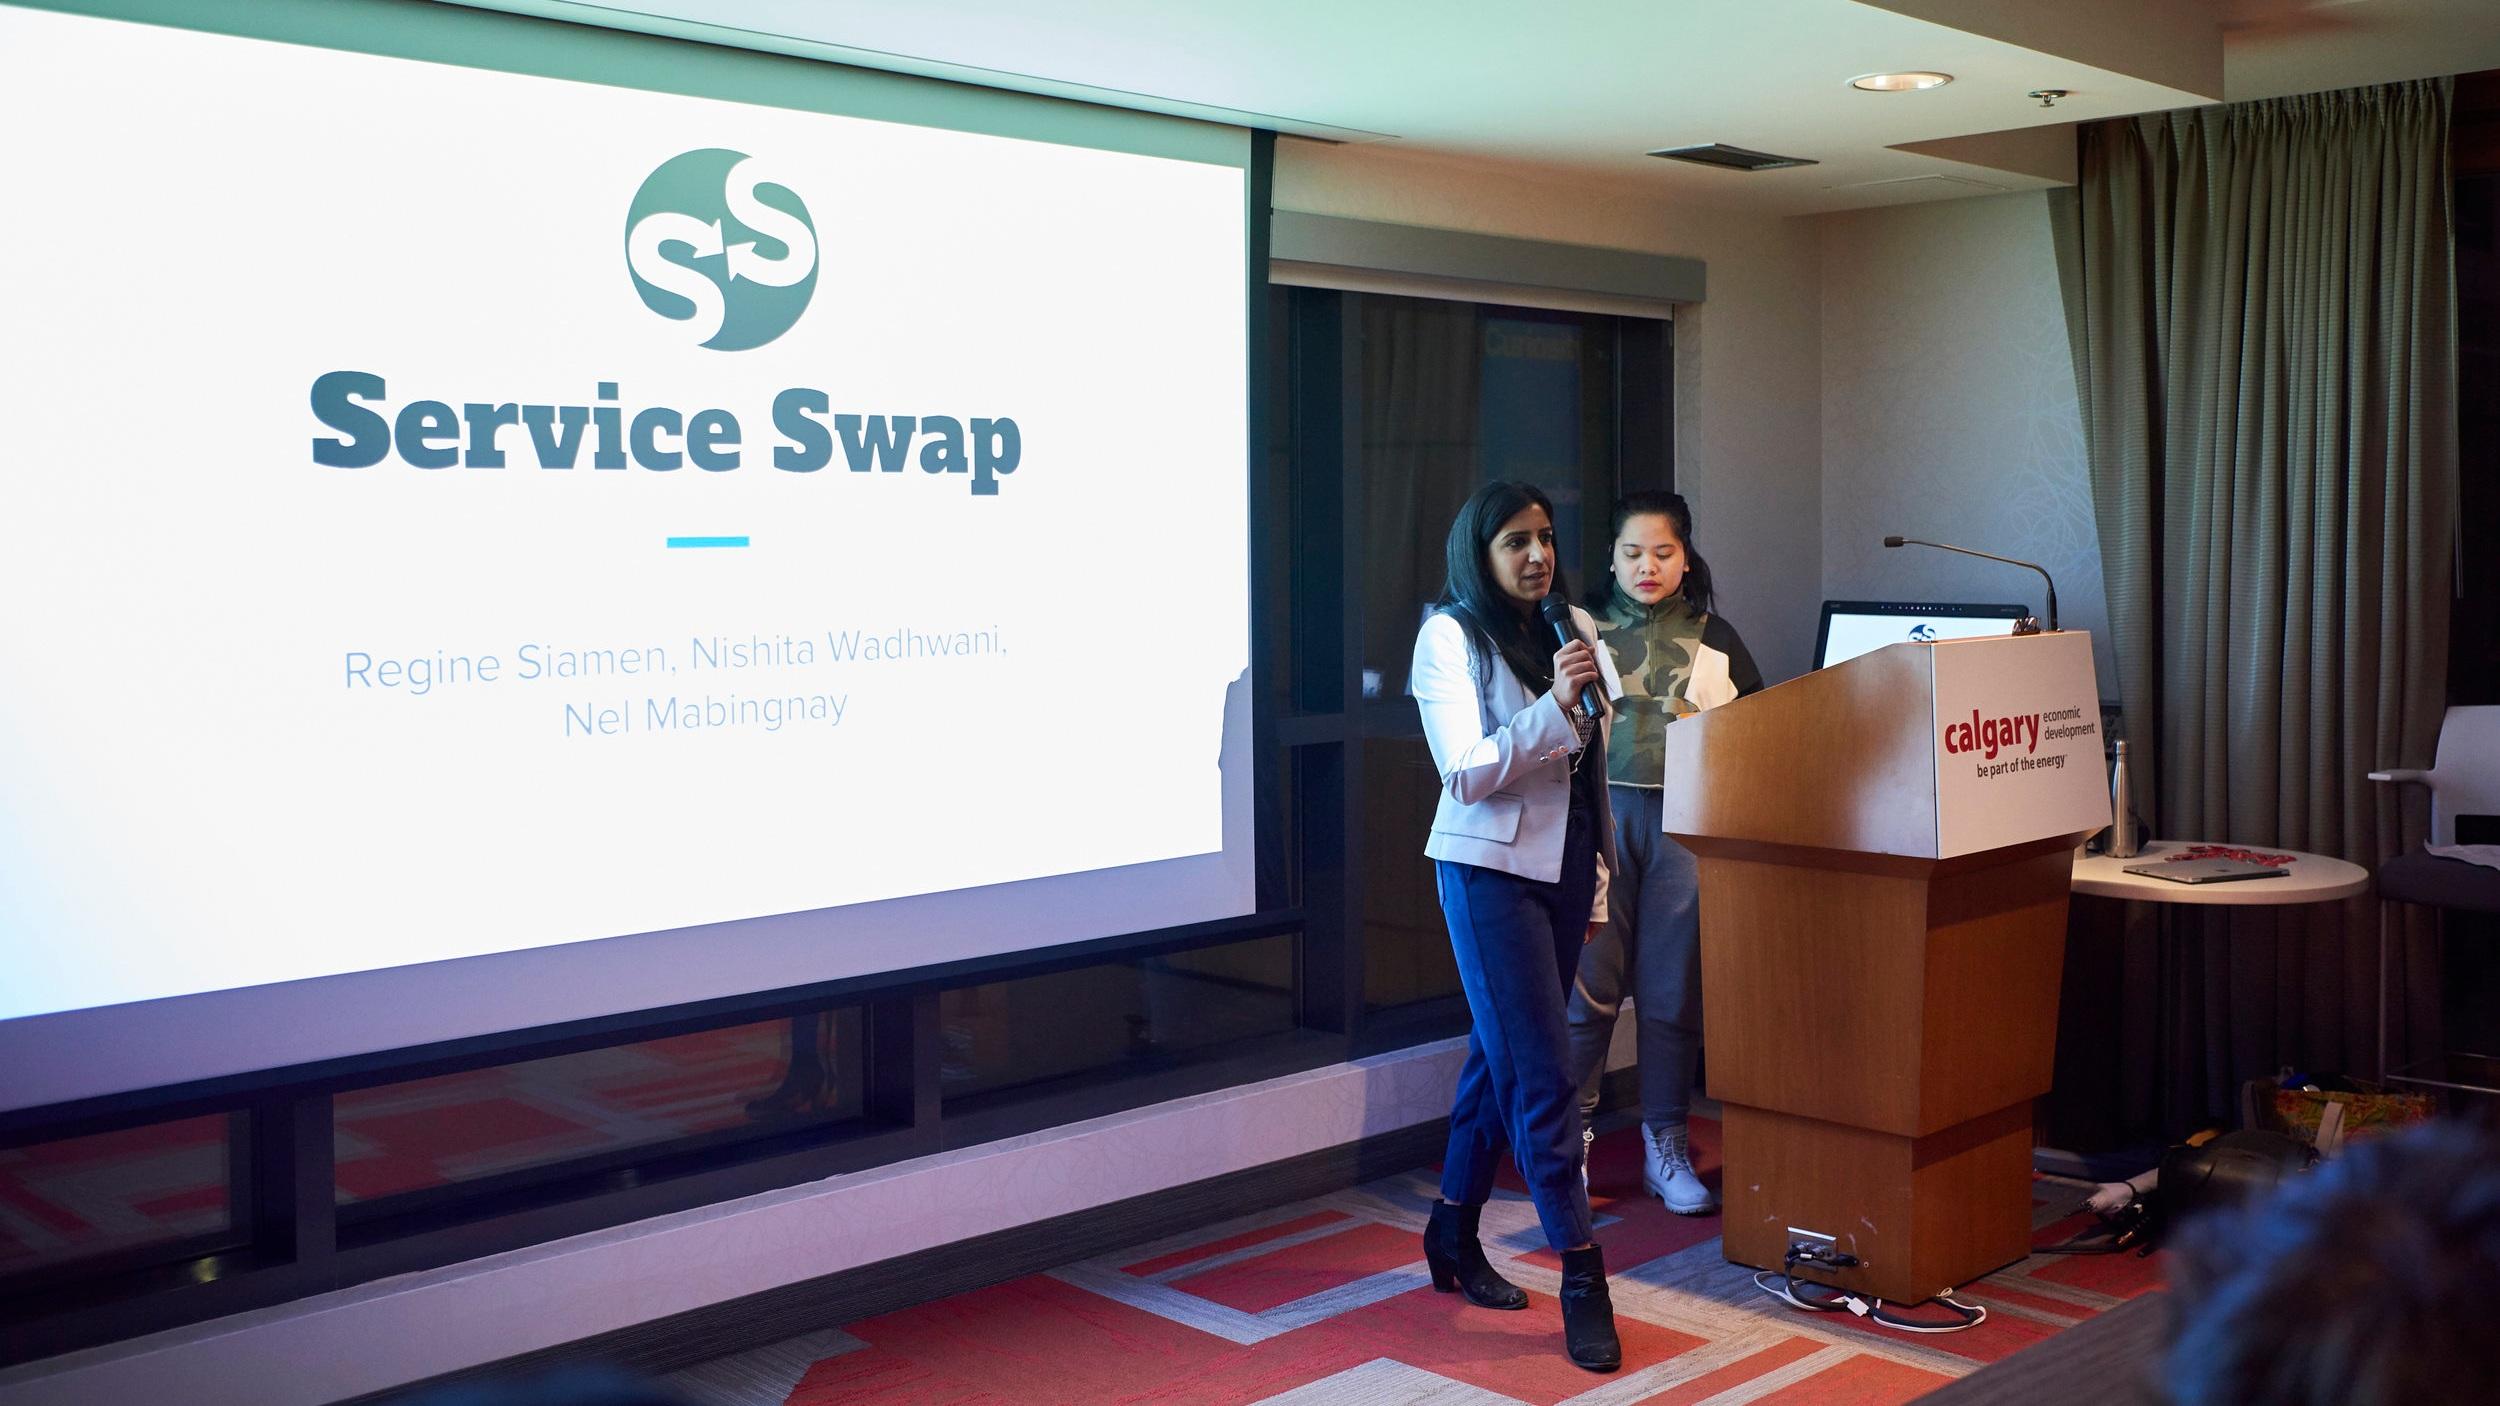 L to R: Nishita Wadhwani & Regine Siamen (Team Service Swap)